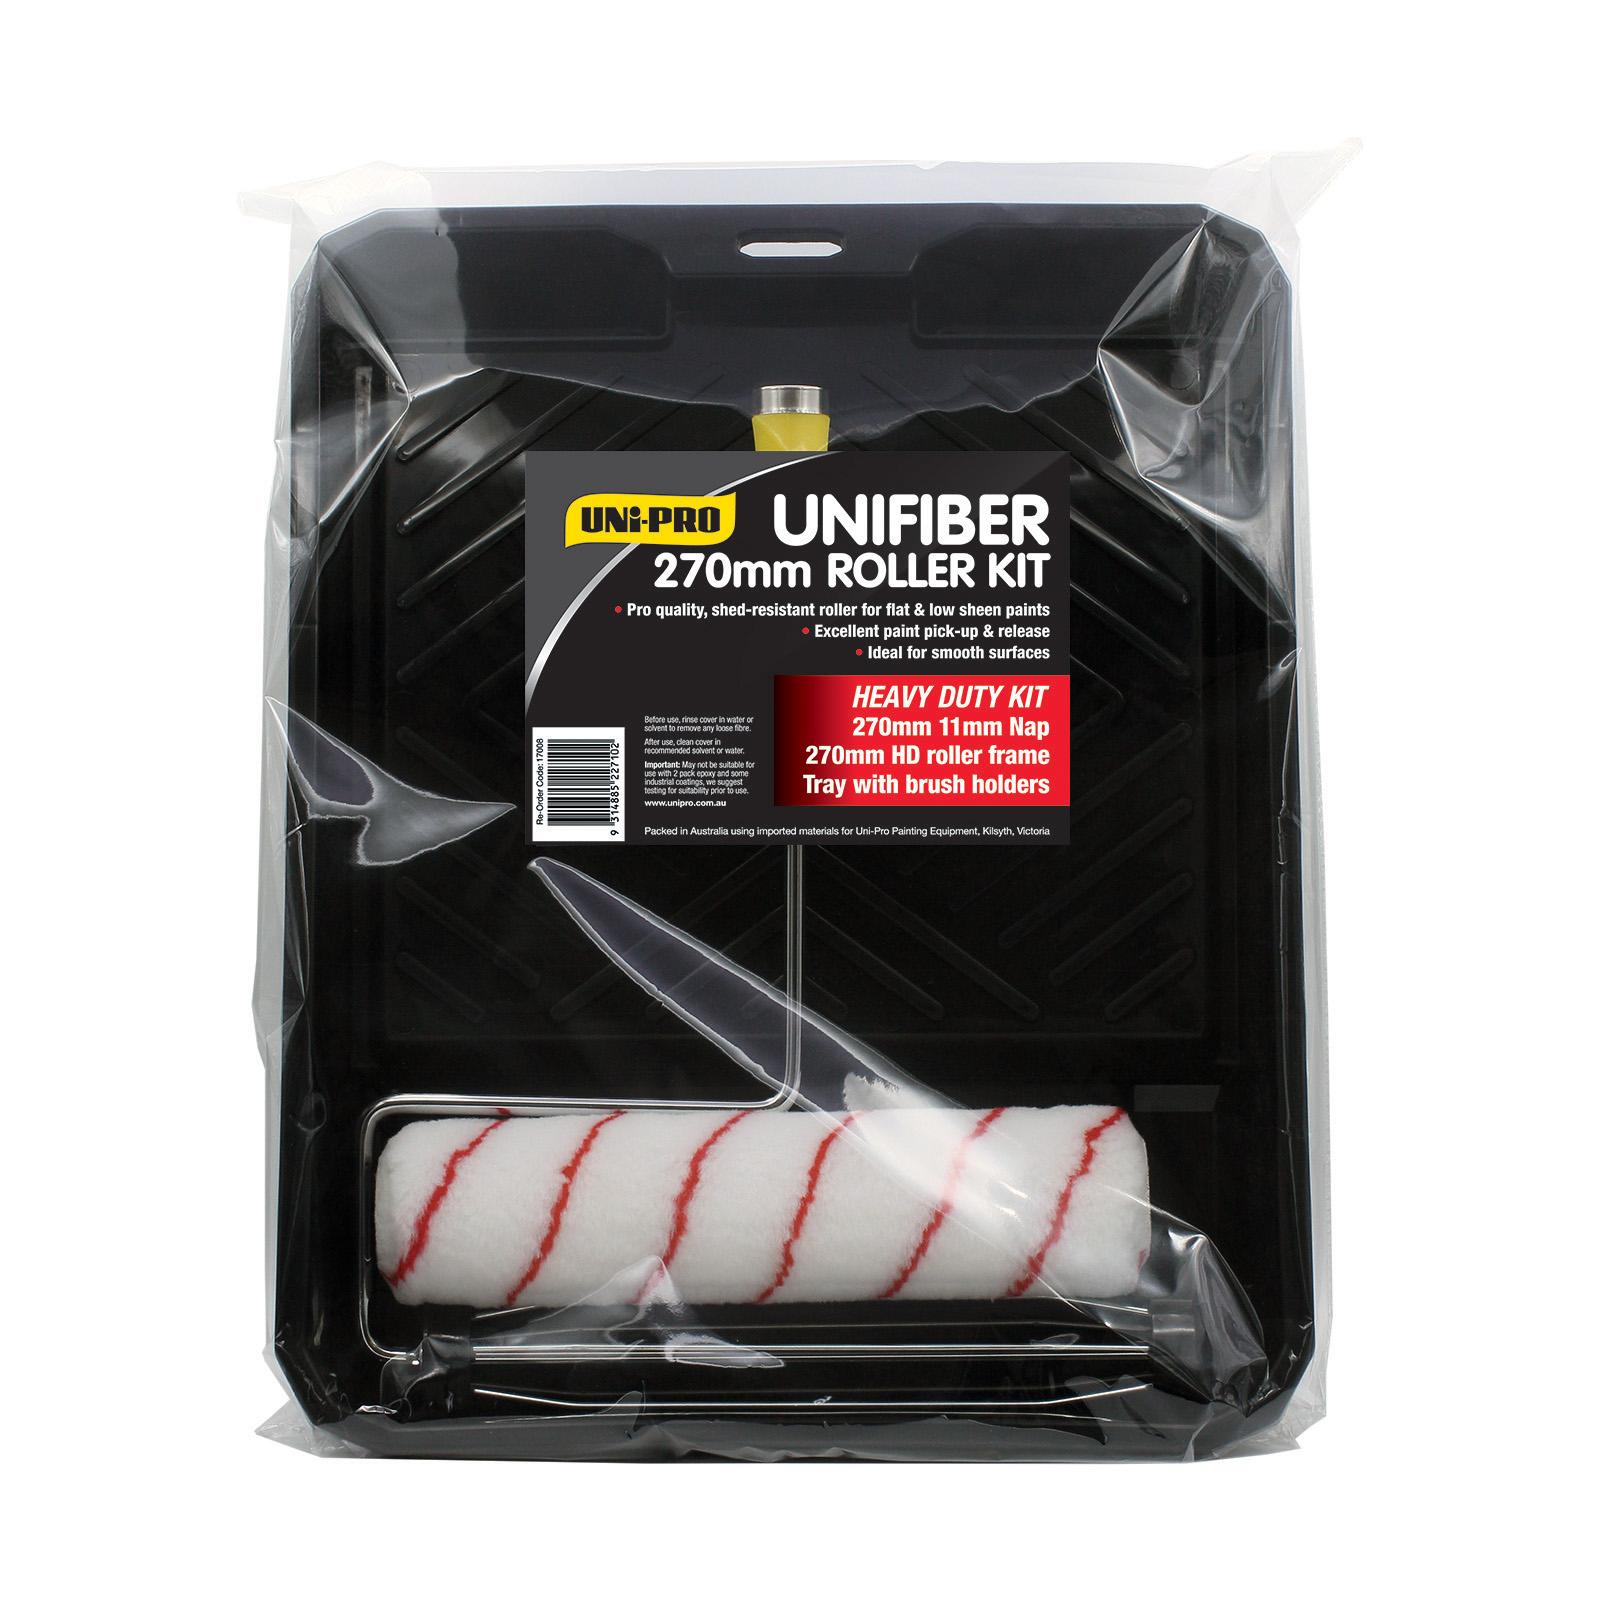 UNi-PRO 270mm Unifiber Heavy Duty Roller Kit